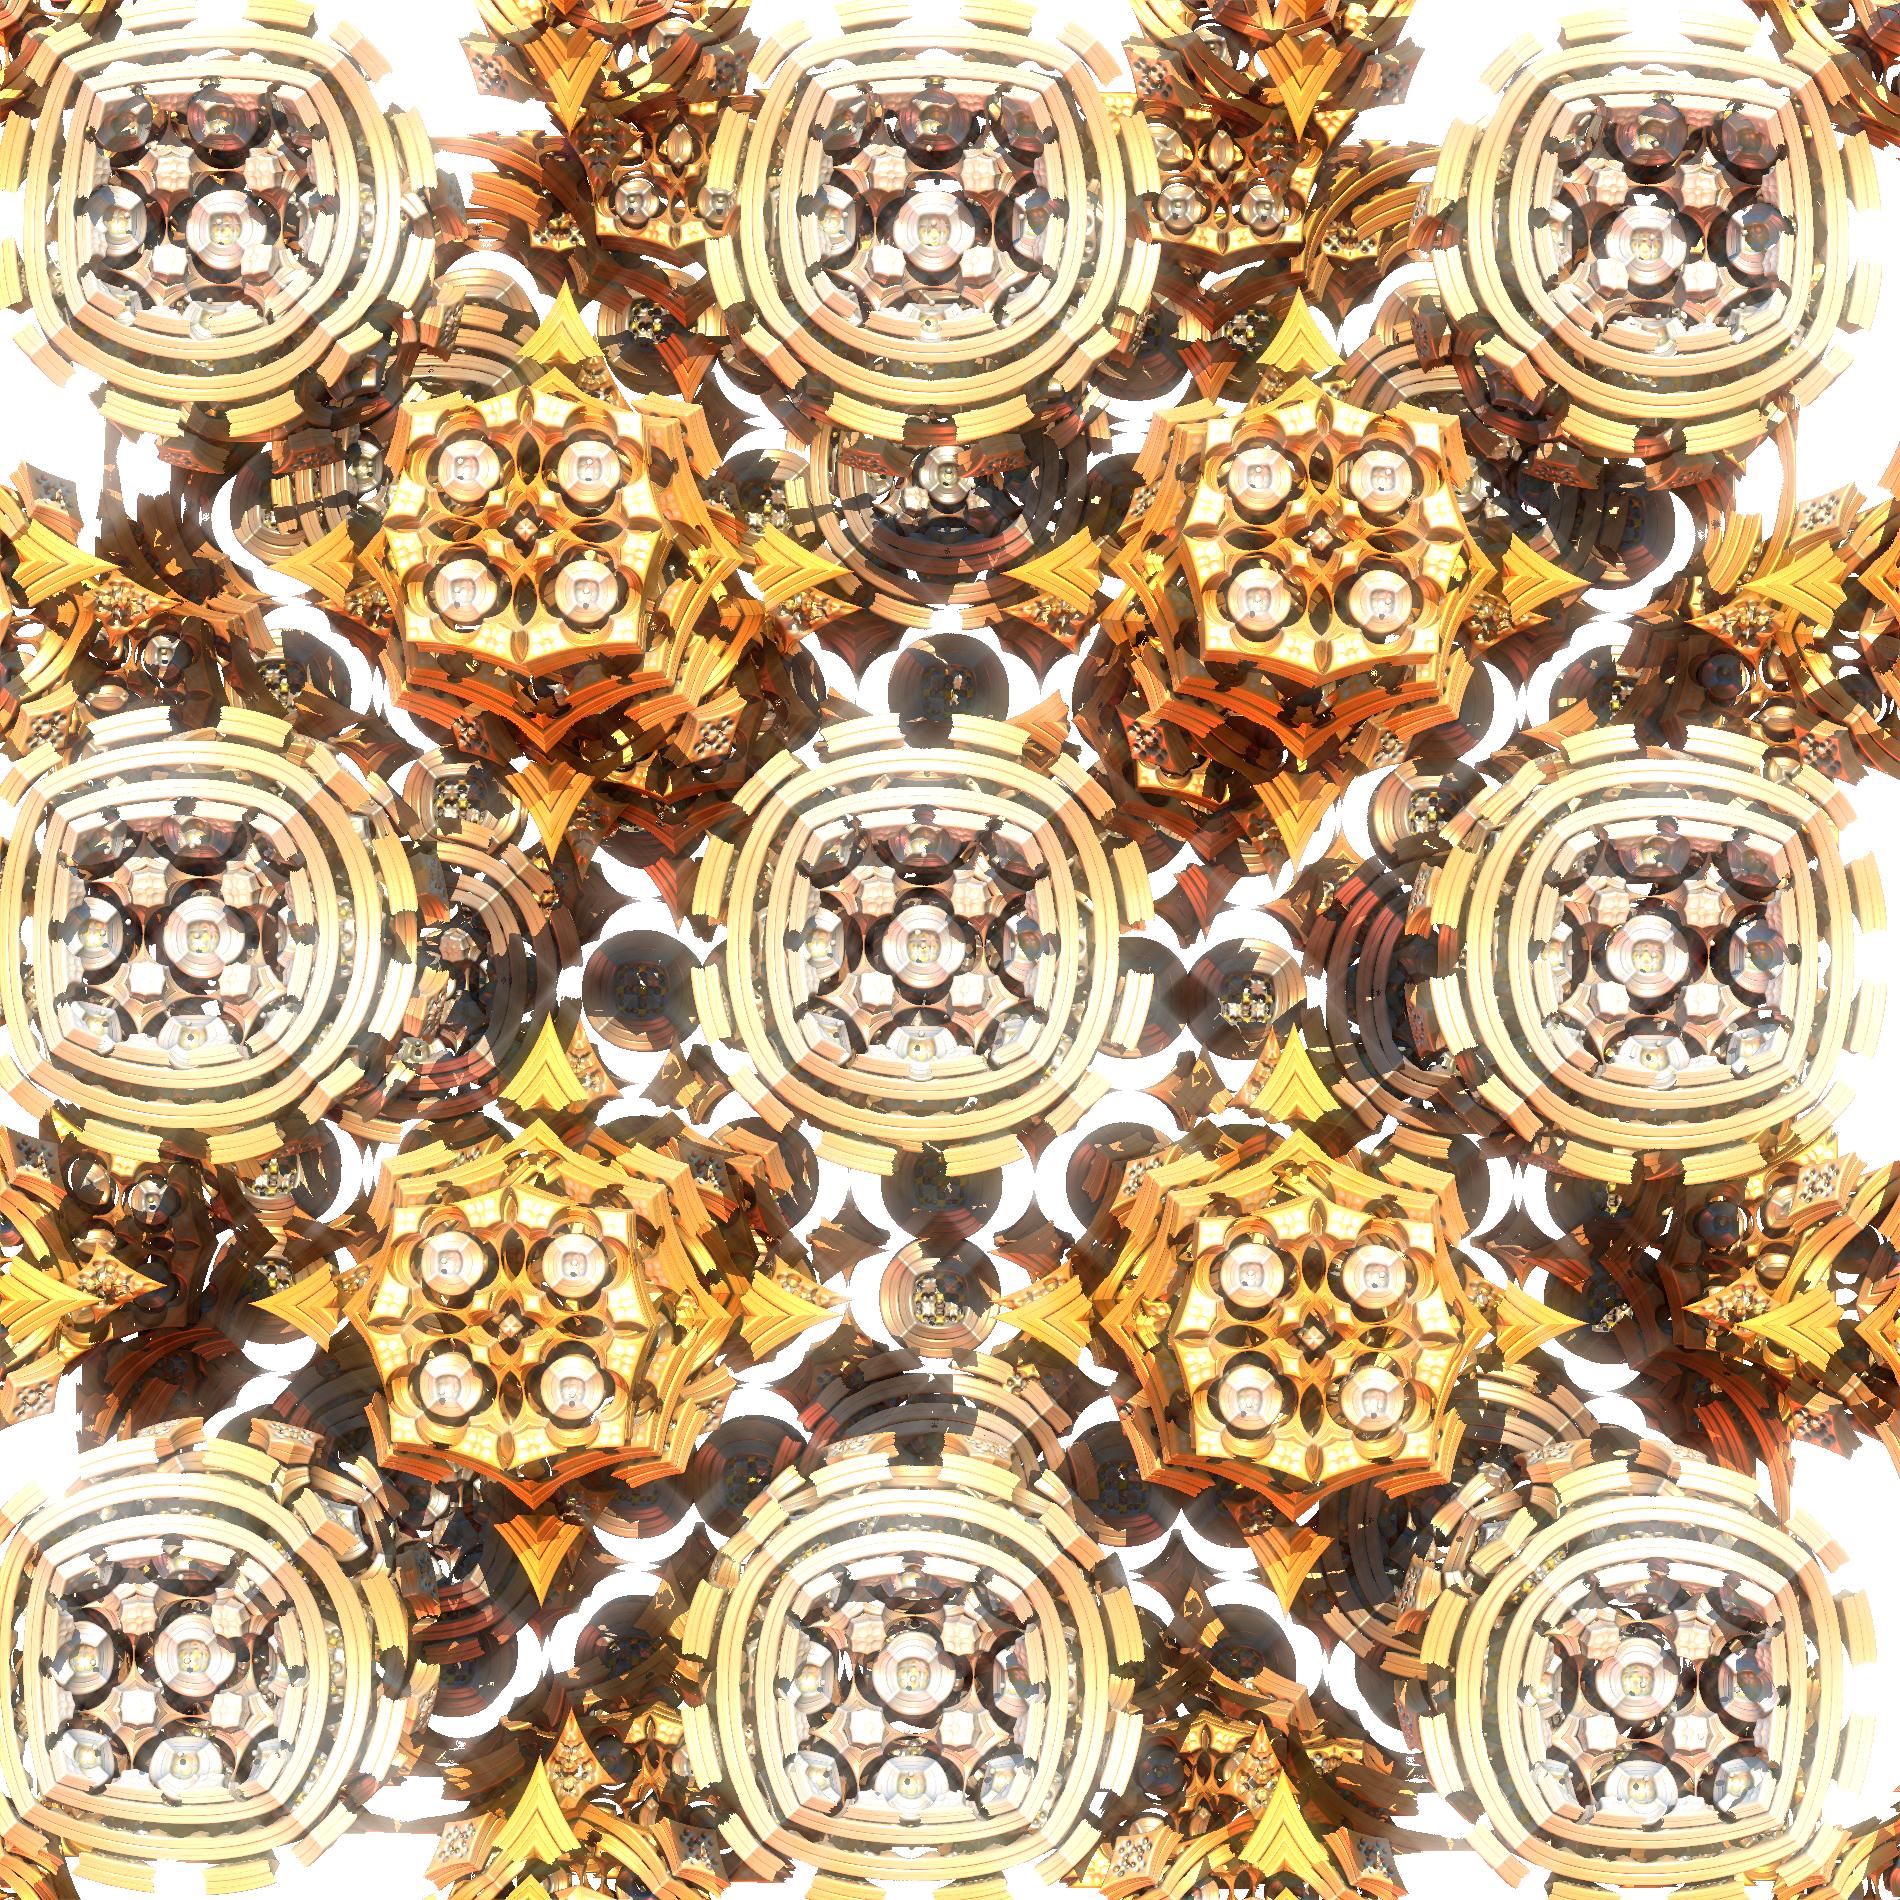 ゴールドダイヤモンド&クリスタルライト:ダイヤモンドライト